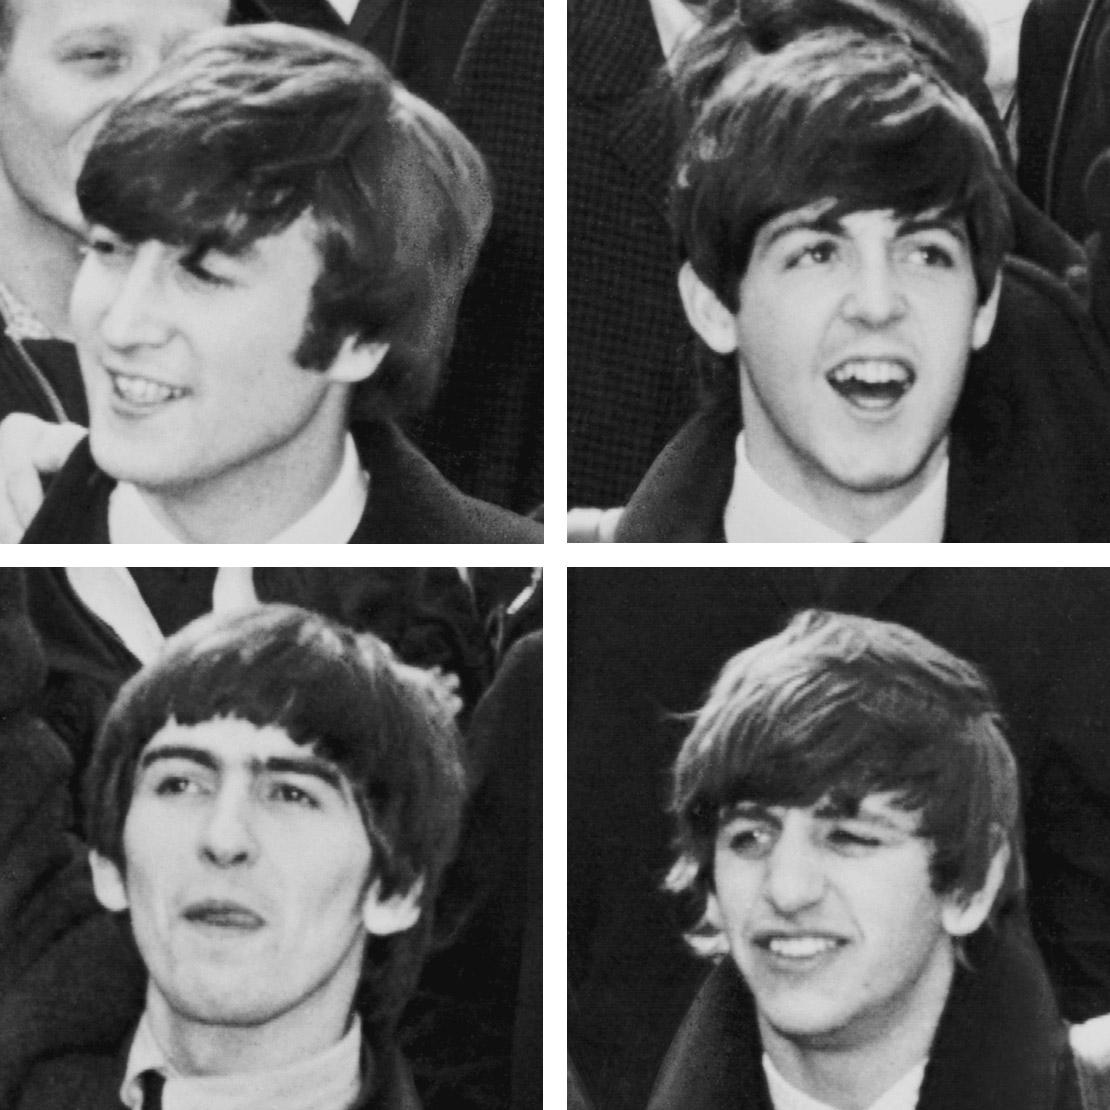 Kisah Para Musisi Mei 2011 The Little Things She Needs Lida Pink Sepatu Flat Merah Muda 36 Beatles Pada Tahun 1964 Dari Atas Kiri Ke Kanan John Lennon Paul Mccartney George Harrison Ringo Starr